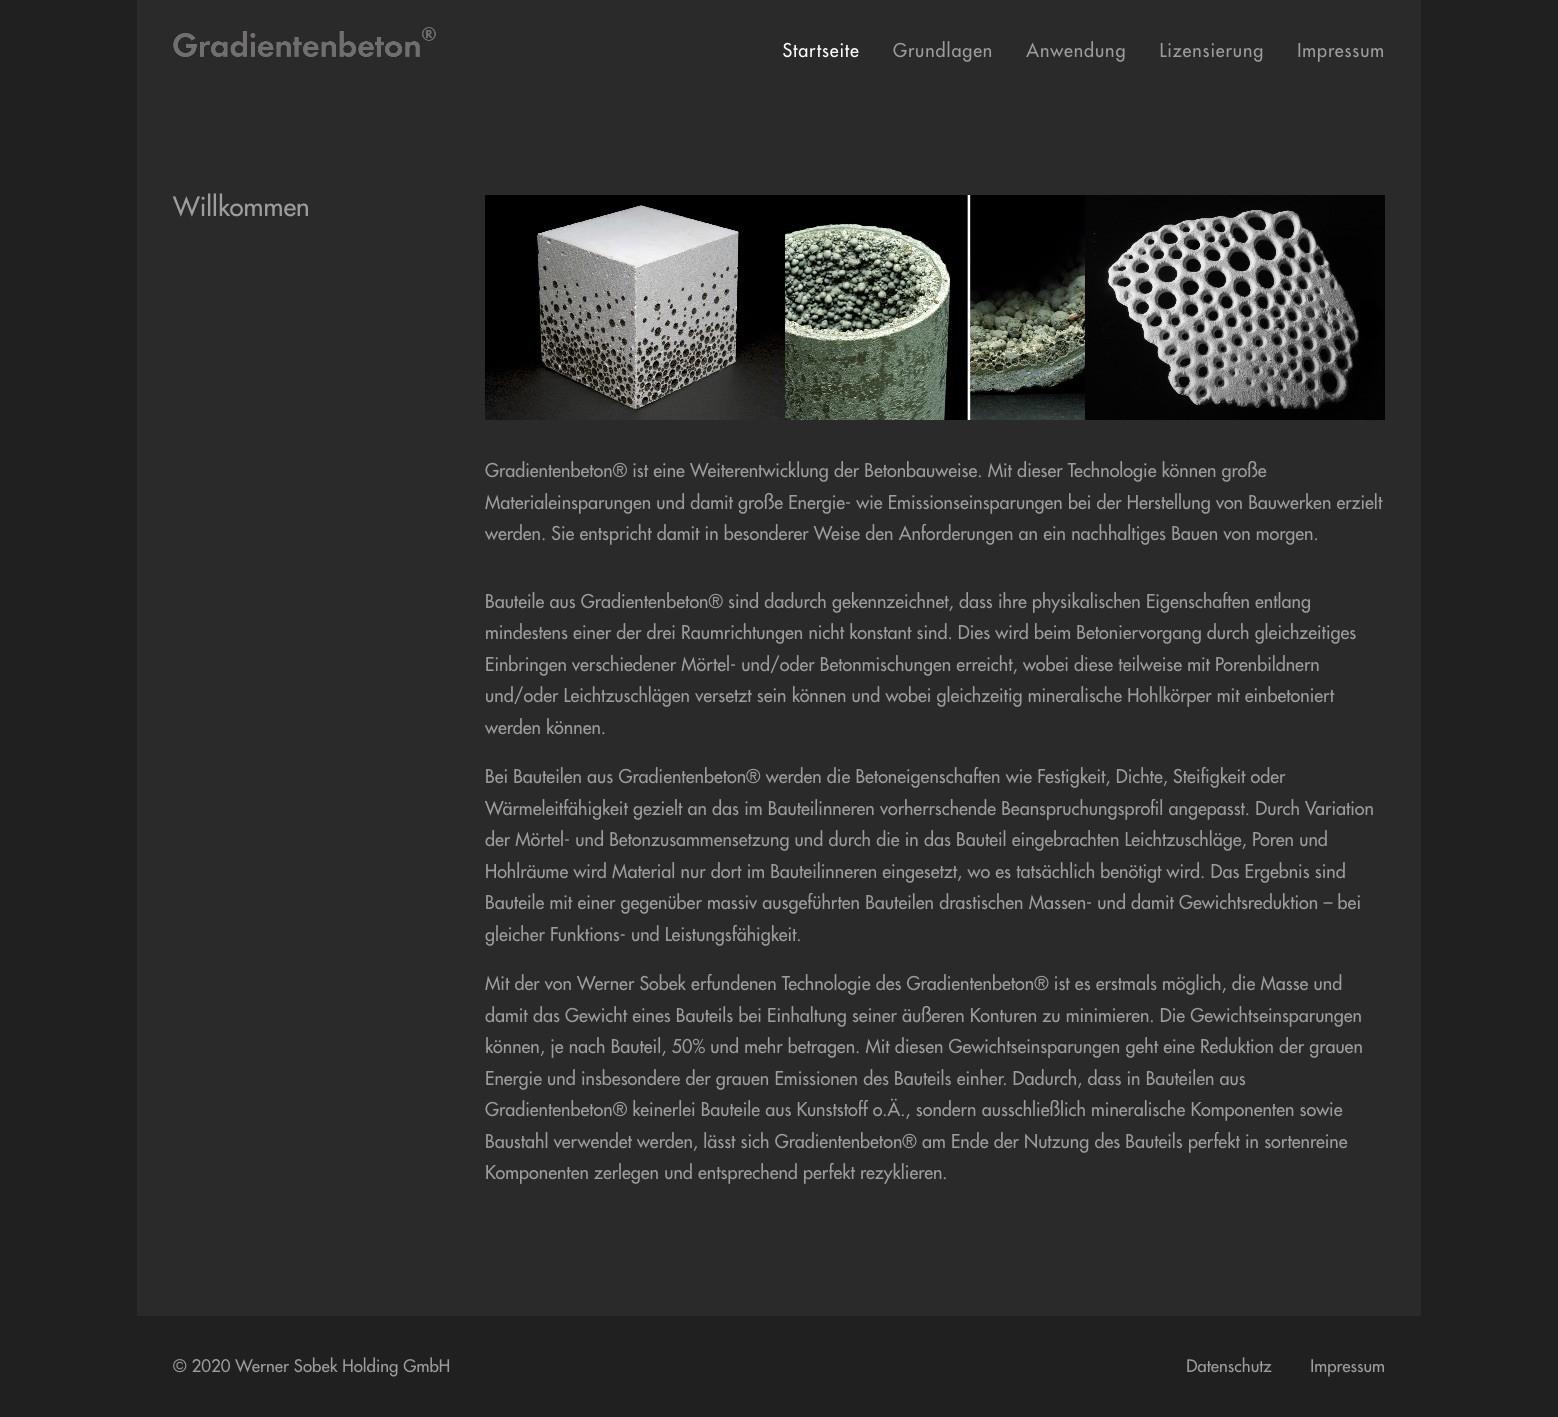 Die Startseite der neuen Website über Gradientenbeton®, Werner Sobek Holding GmbH, Stuttgart (Screenshot Sommer 2020)